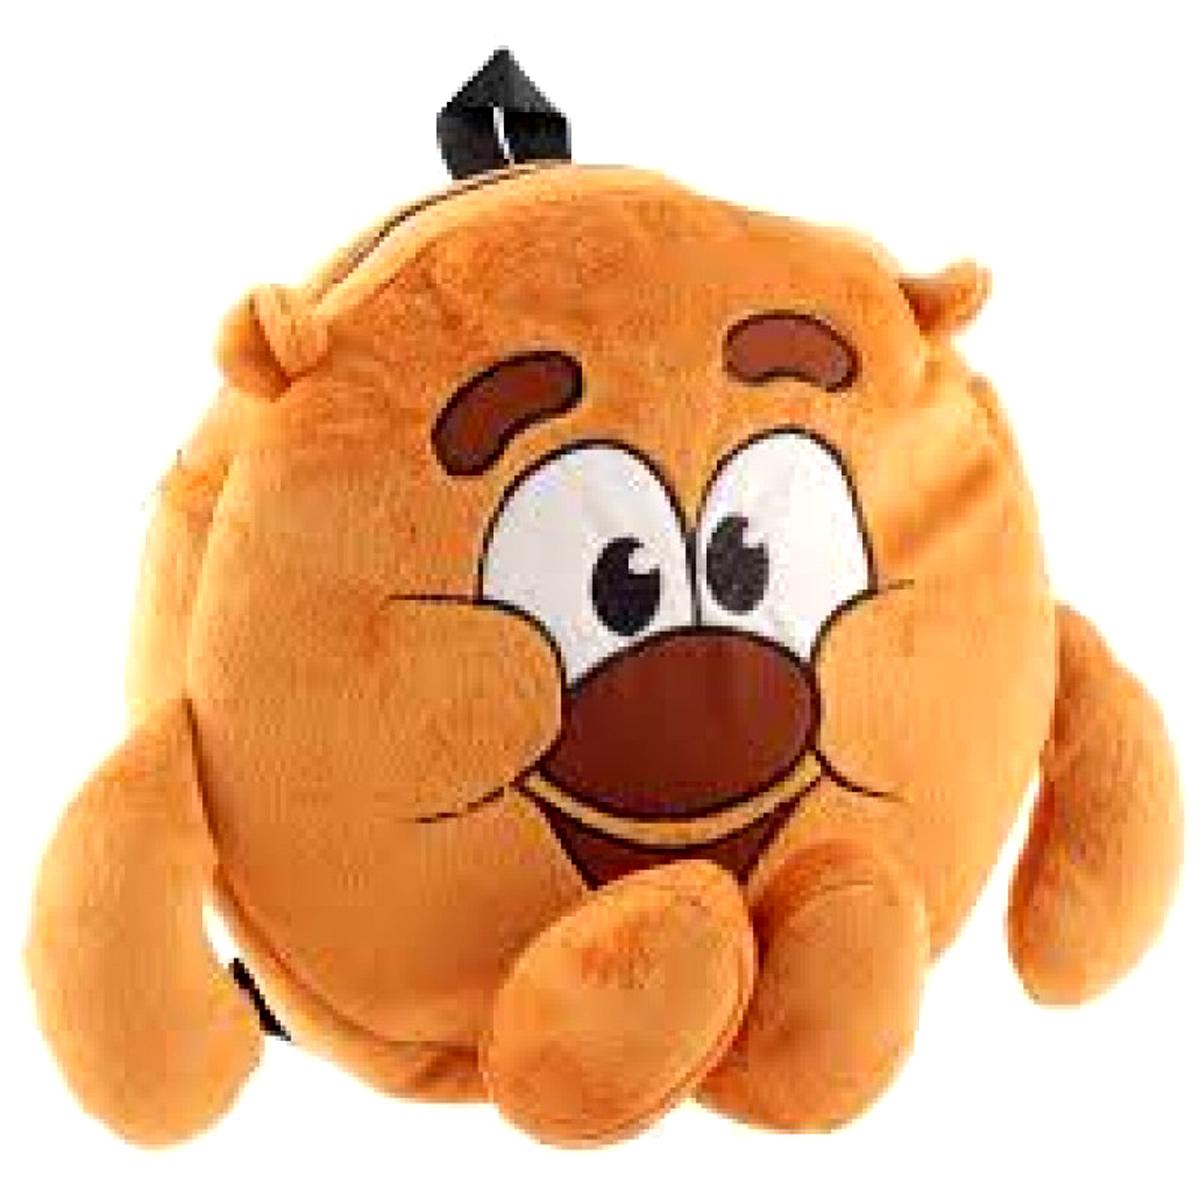 Купить мягкий детский рюкзак координаты рюкзака perfect world